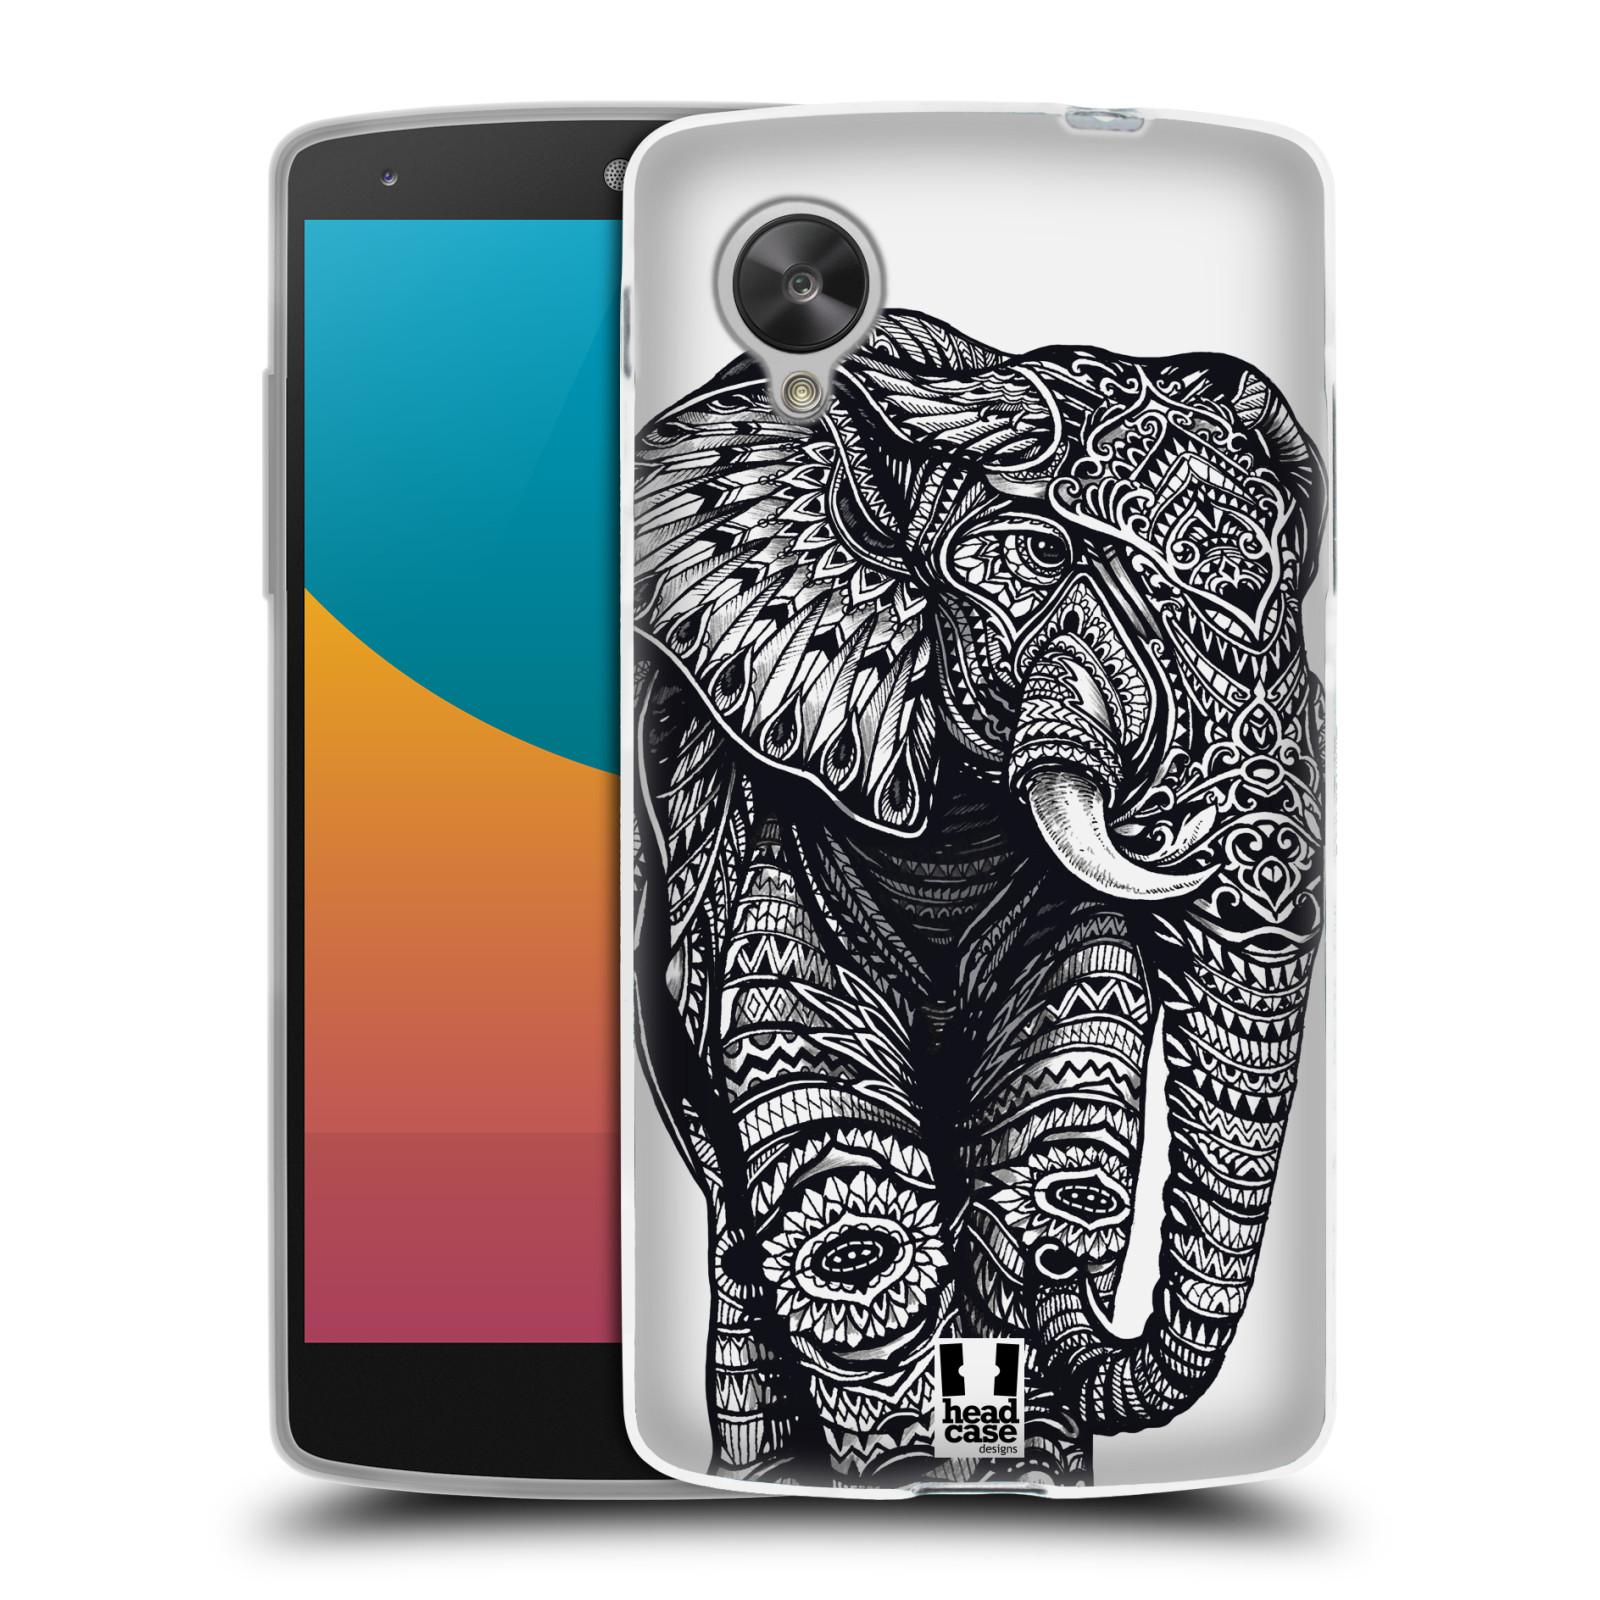 Silikonové pouzdro na mobil LG Nexus 5 HEAD CASE Zdobený Slon (Silikonový kryt či obal na mobilní telefon LG Google Nexus 5 D821)